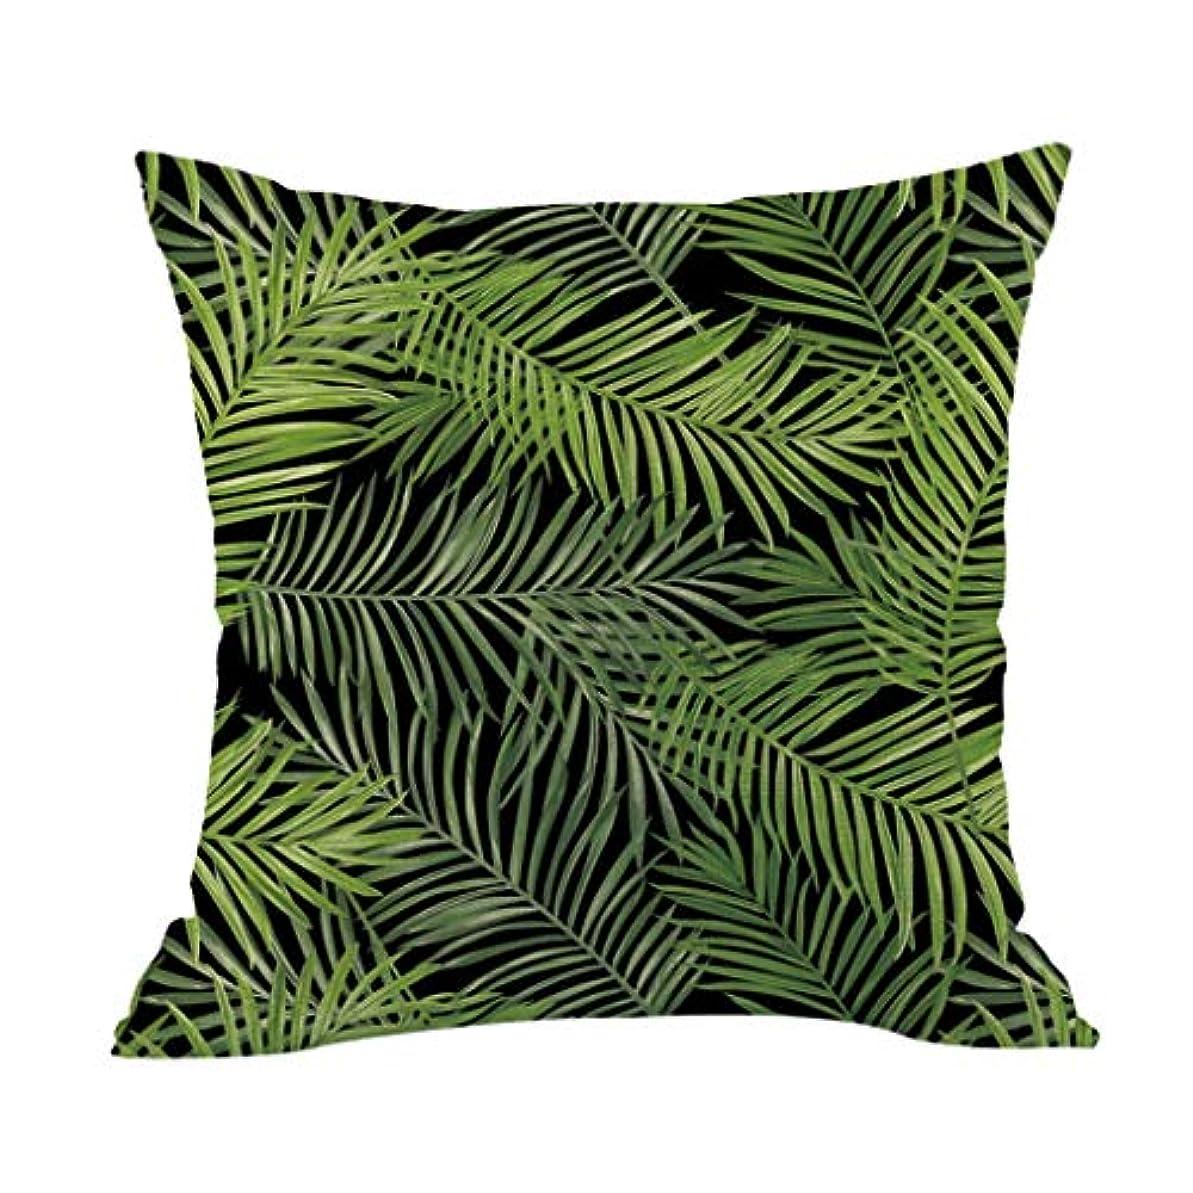 おじいちゃんレッスングリーンランドLIFE 高品質クッション熱帯植物ポリエステル枕ソファ投げるパッドセットホーム人格クッション coussin decoratif クッション 椅子